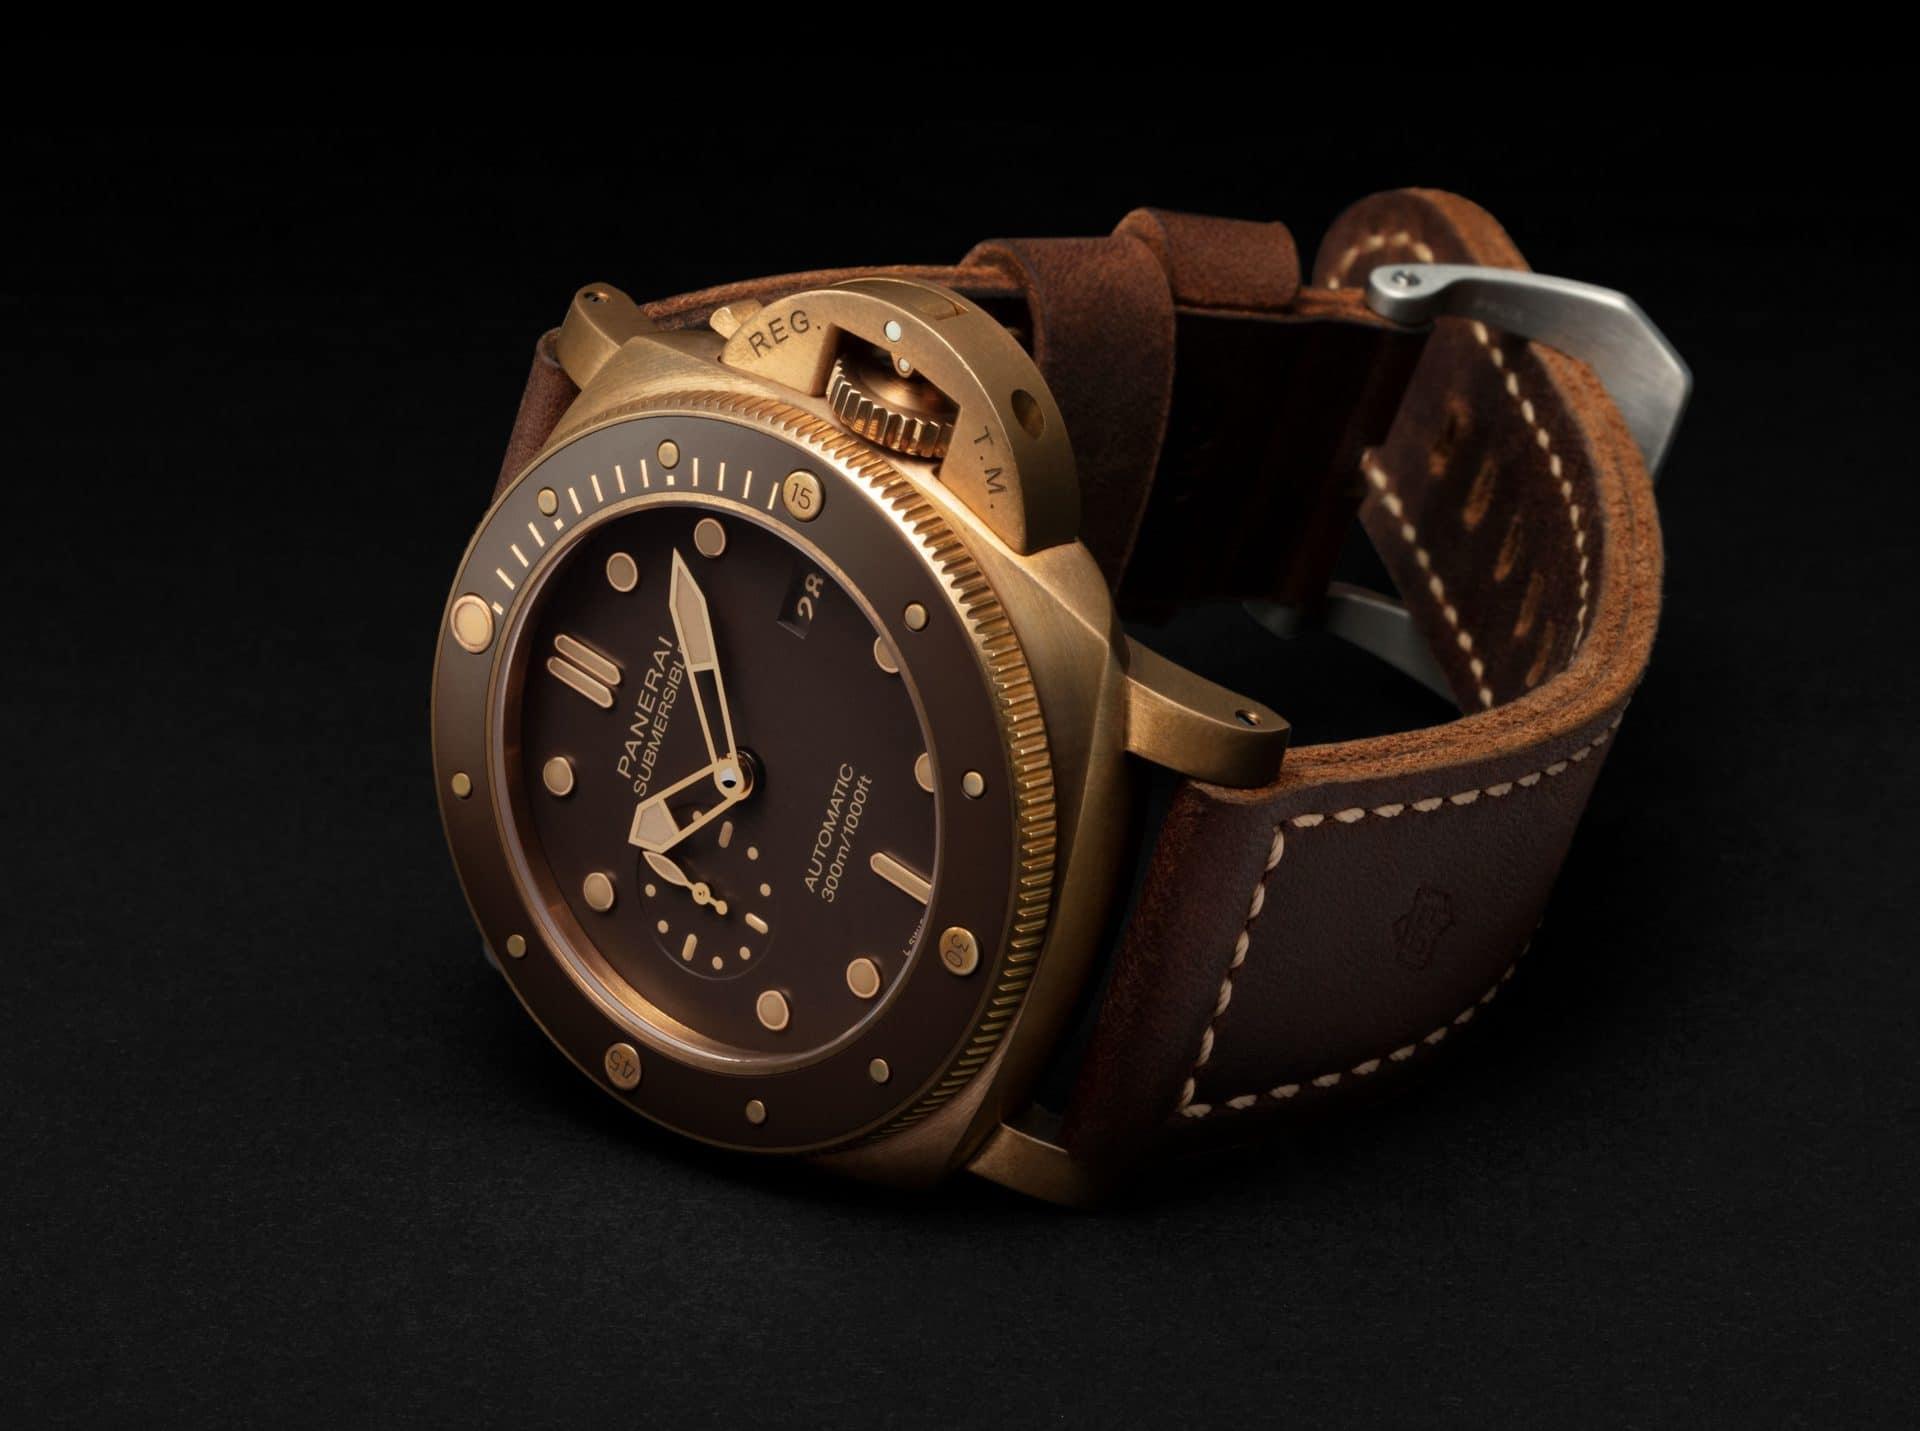 Die Panerai Submersible mit braunem Zifferblatt passt ideal zum warmen Bronze-Ton.